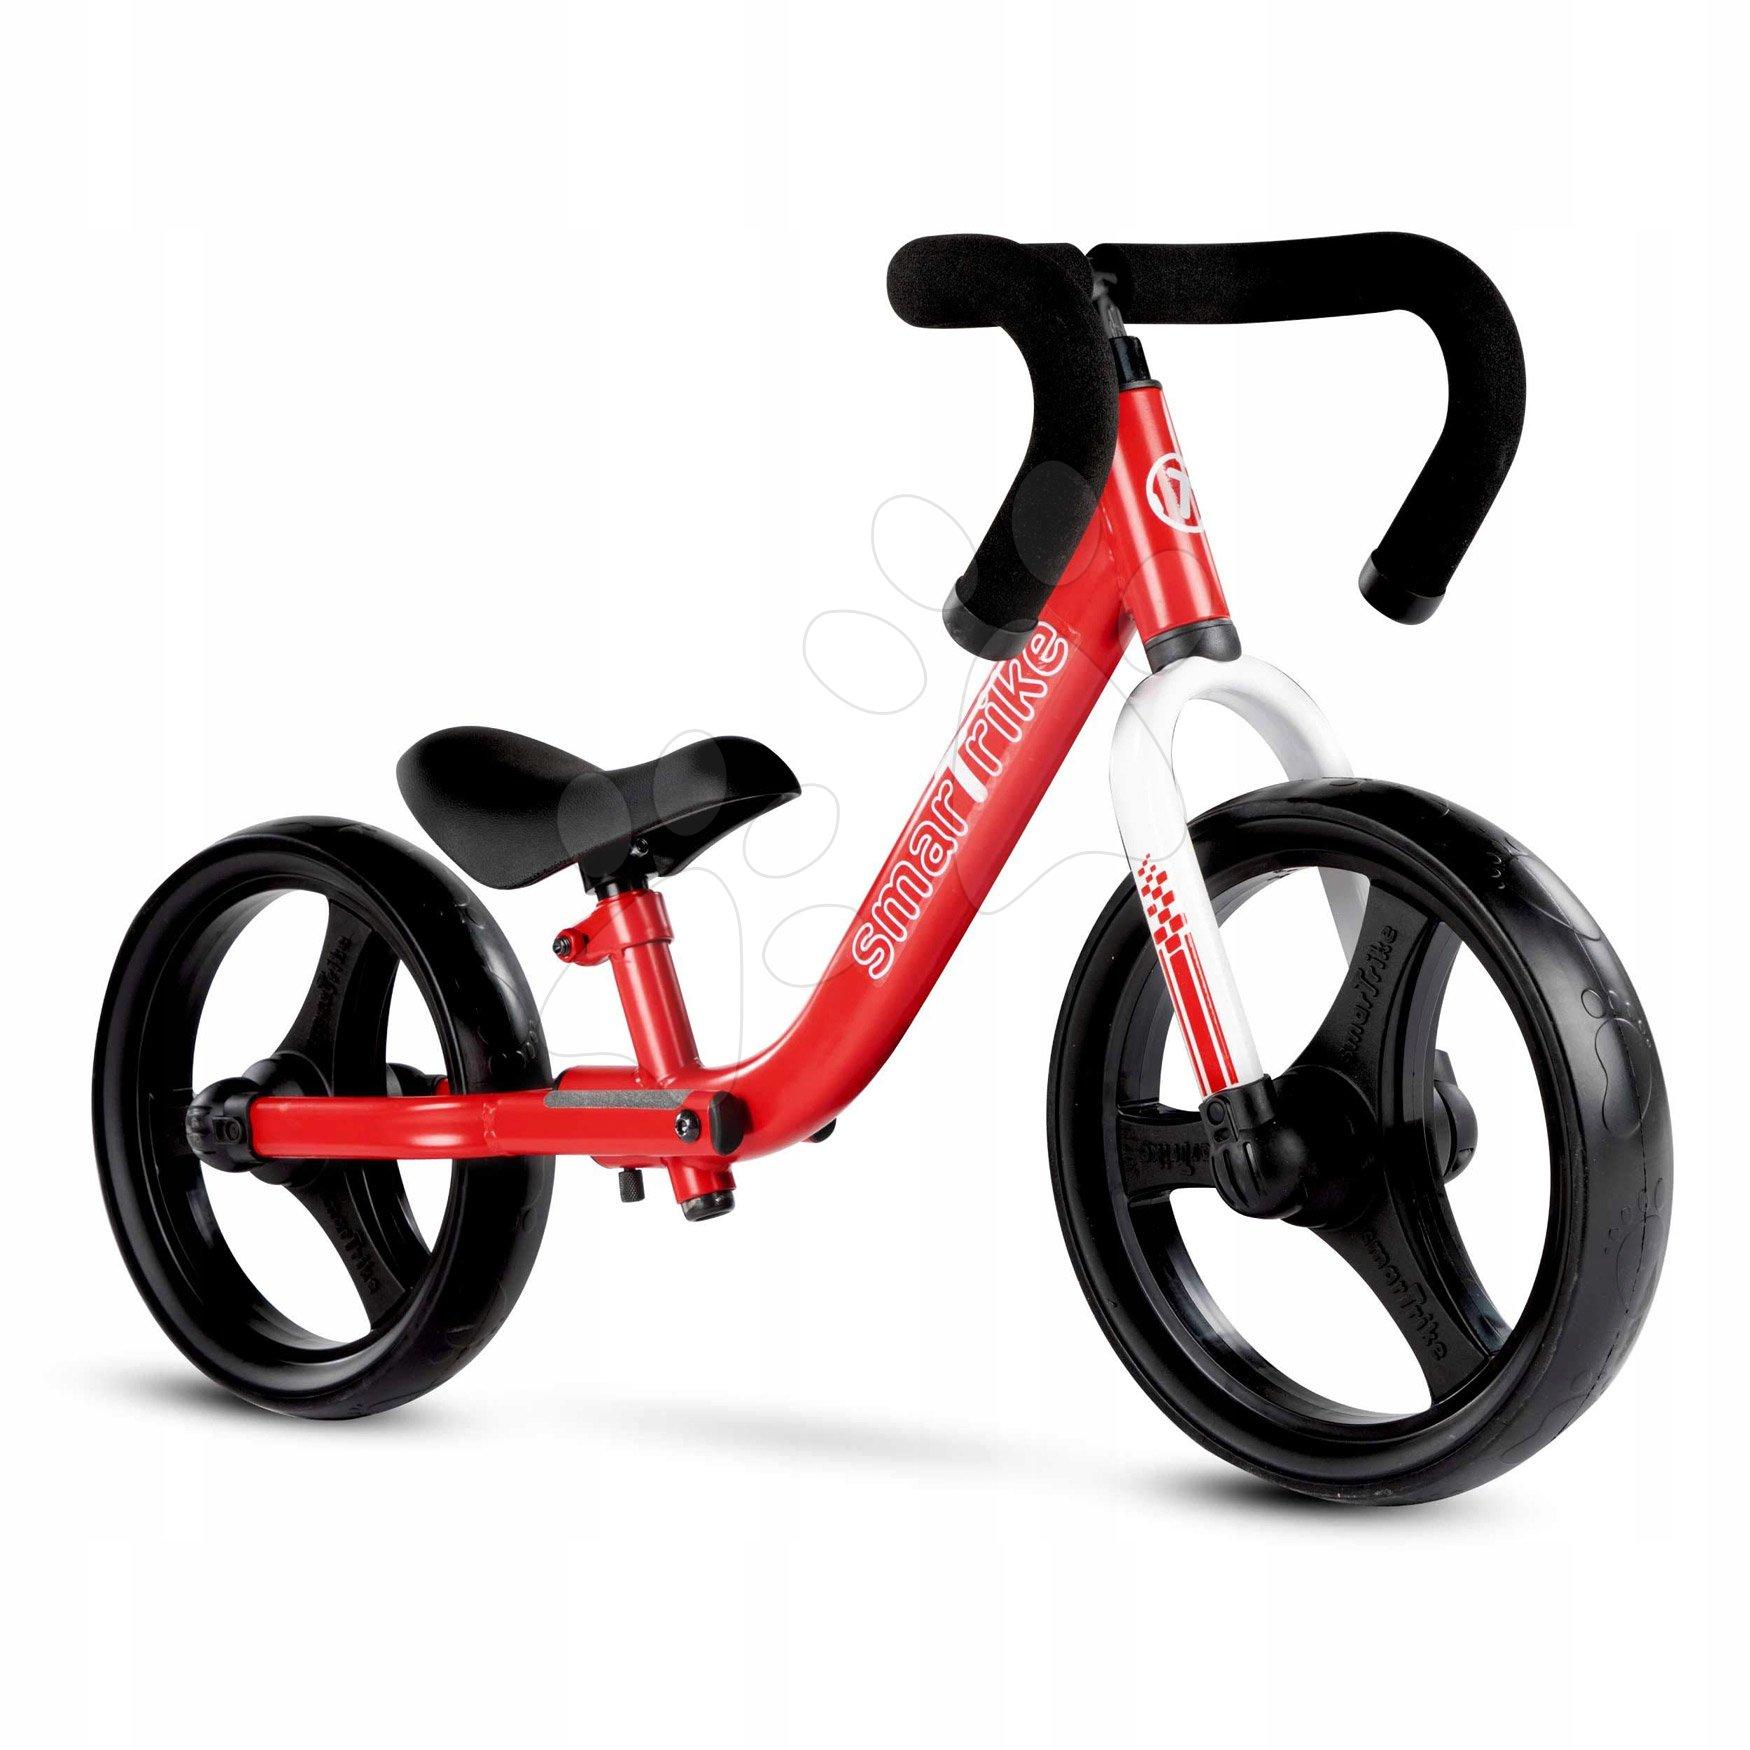 Balanční odrážedlo skládací Folding Balance Bike Red smarTrike z hliníku s ergonomickými úchyty od 2-5 let